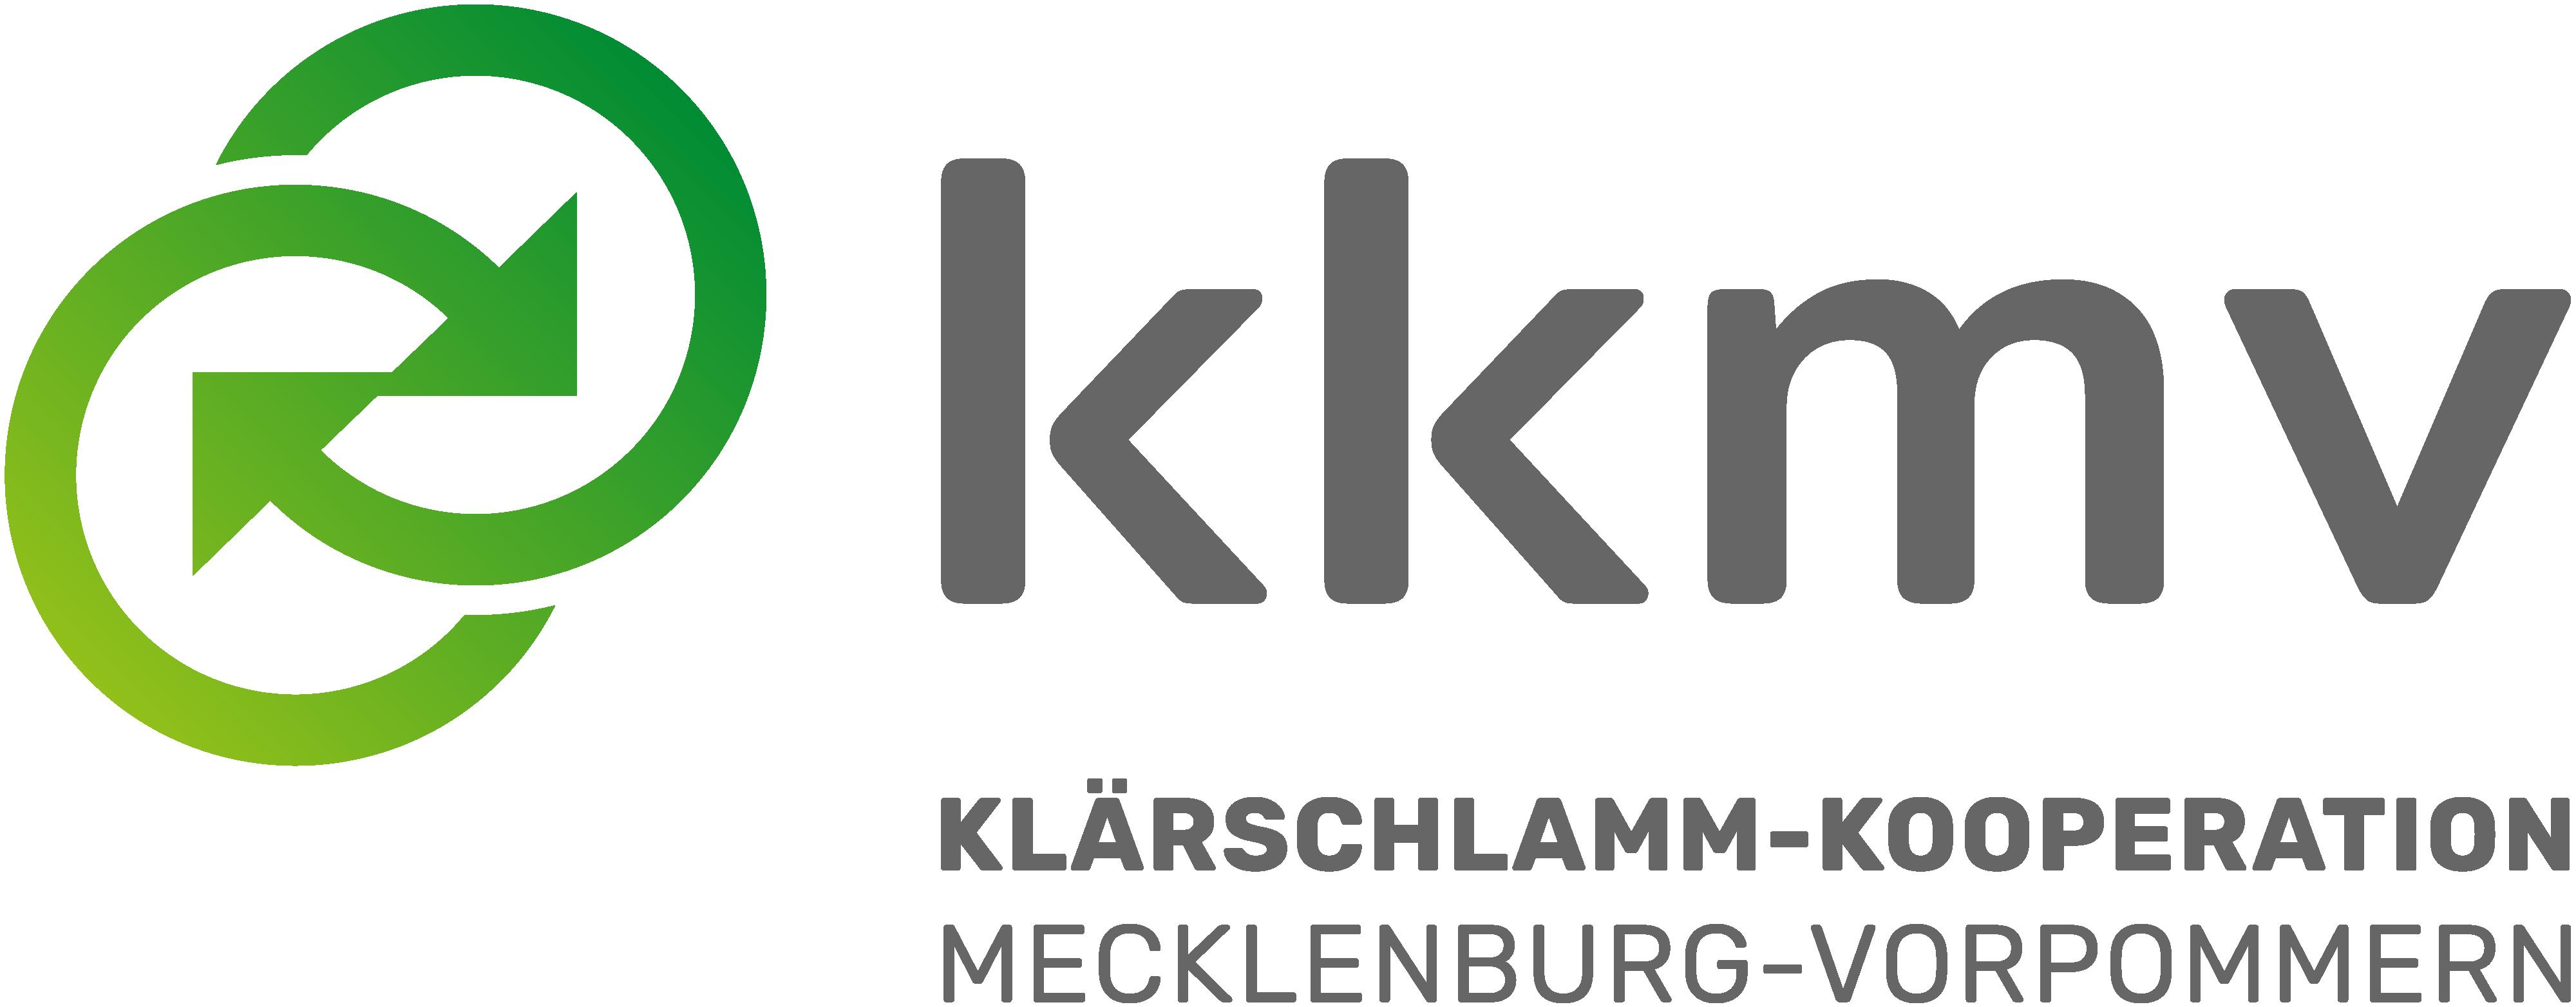 Klärschlamm-Kooperation Mecklenburg-Vorpommern GmbH